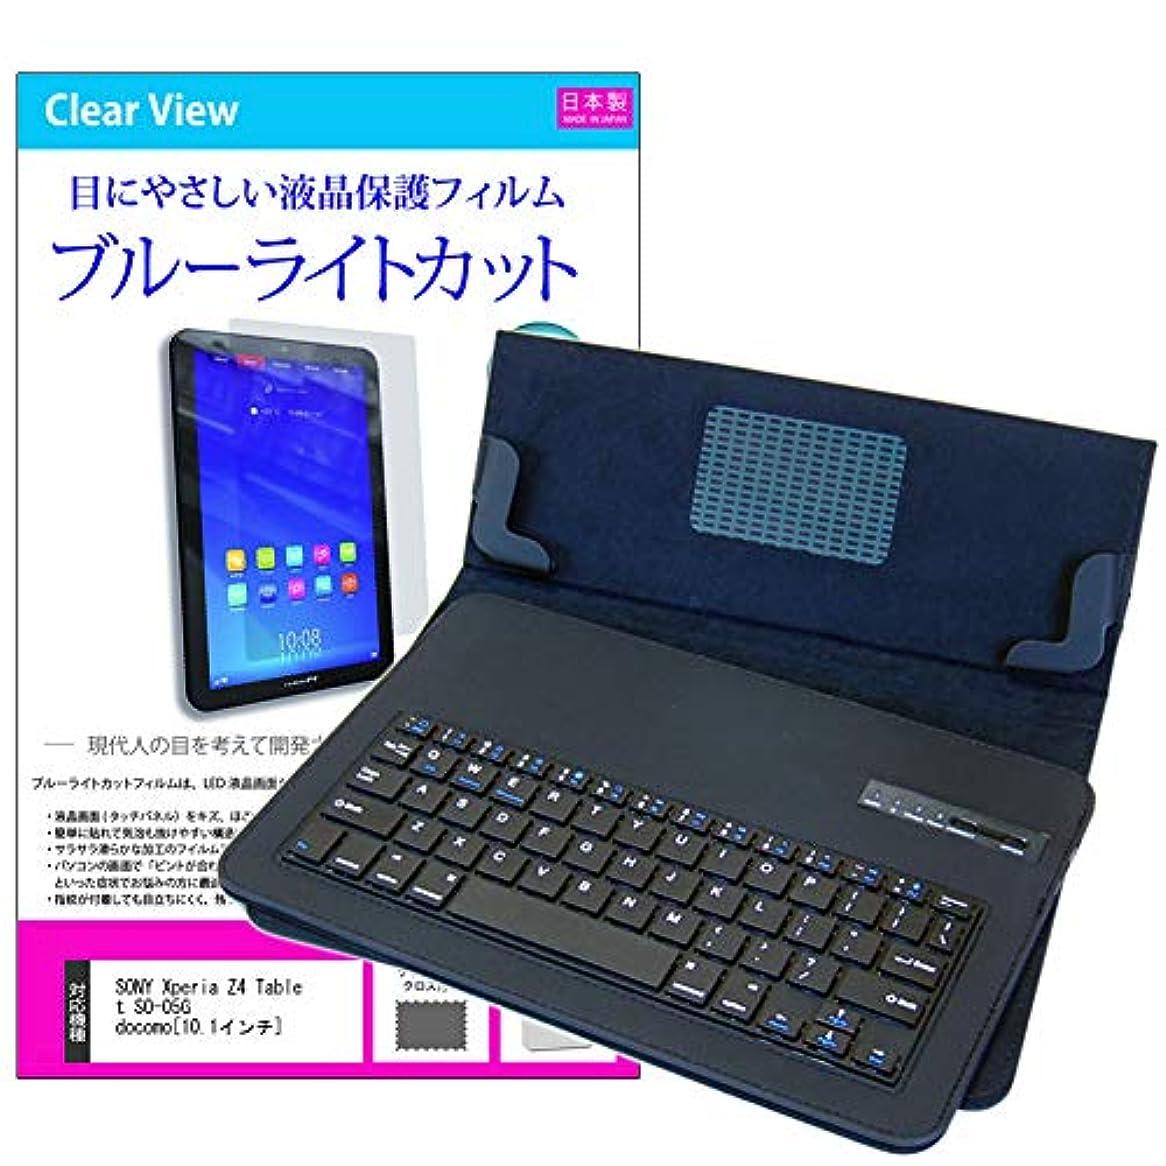 宿題補足子羊メディアカバーマーケット SONY Xperia Z4 Tablet SO-05G docomo[10.1インチ(2560x1600)]機種用 【Bluetoothワイヤレスキーボード付き タブレットケース と ブルーライトカット液晶保護フィルム のセット】 反射防止 指紋防止 気泡レス 抗菌